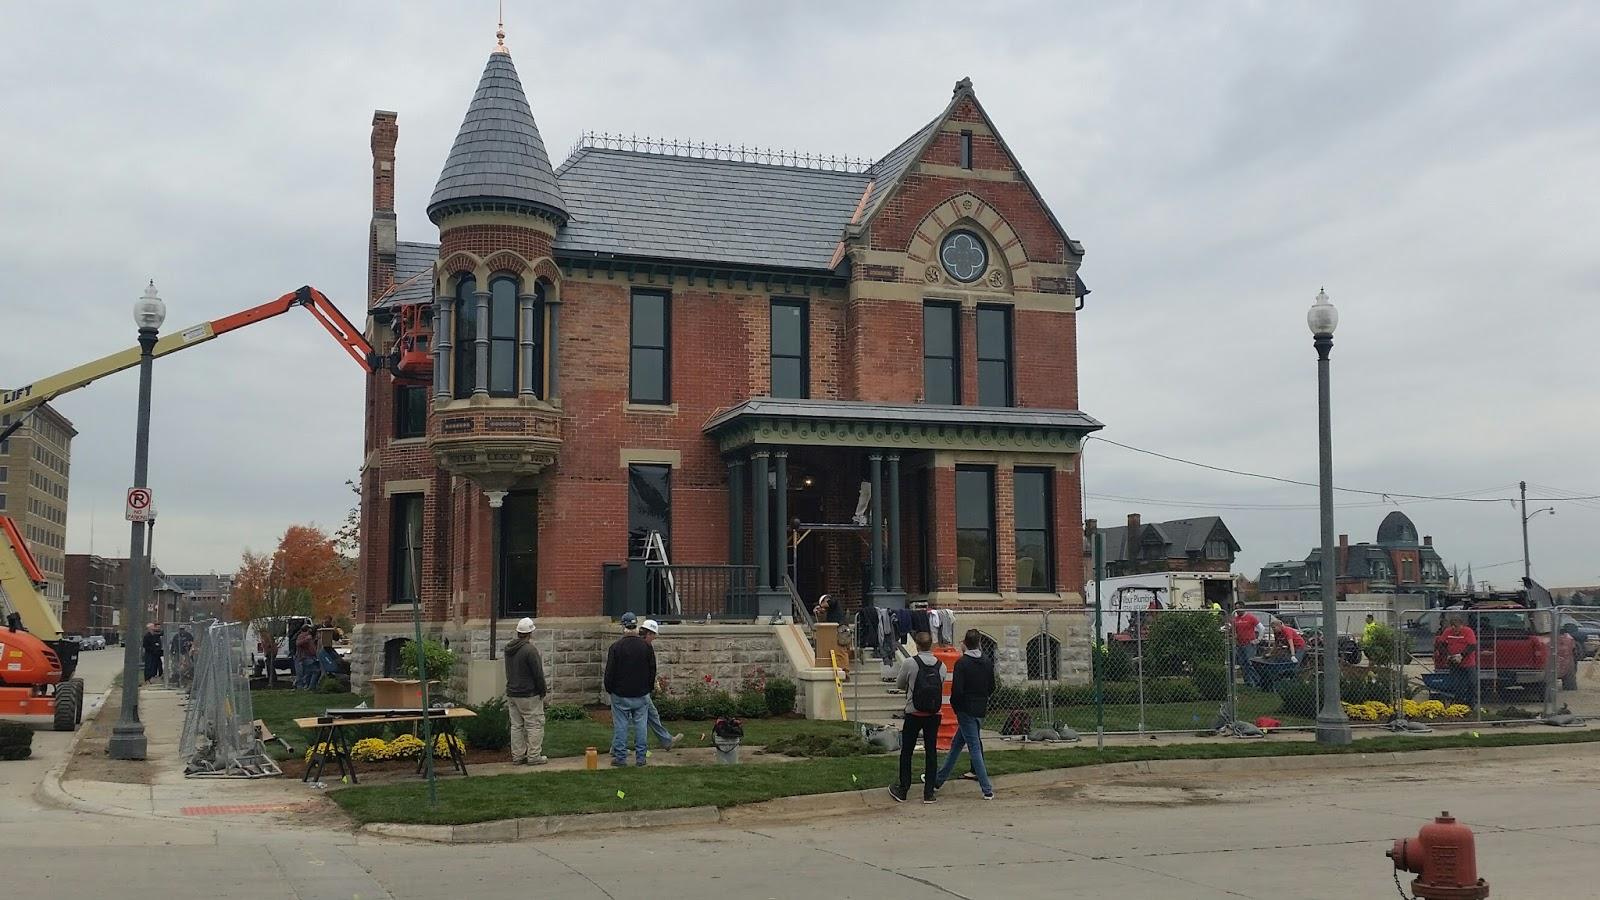 The Ransom Gillis House